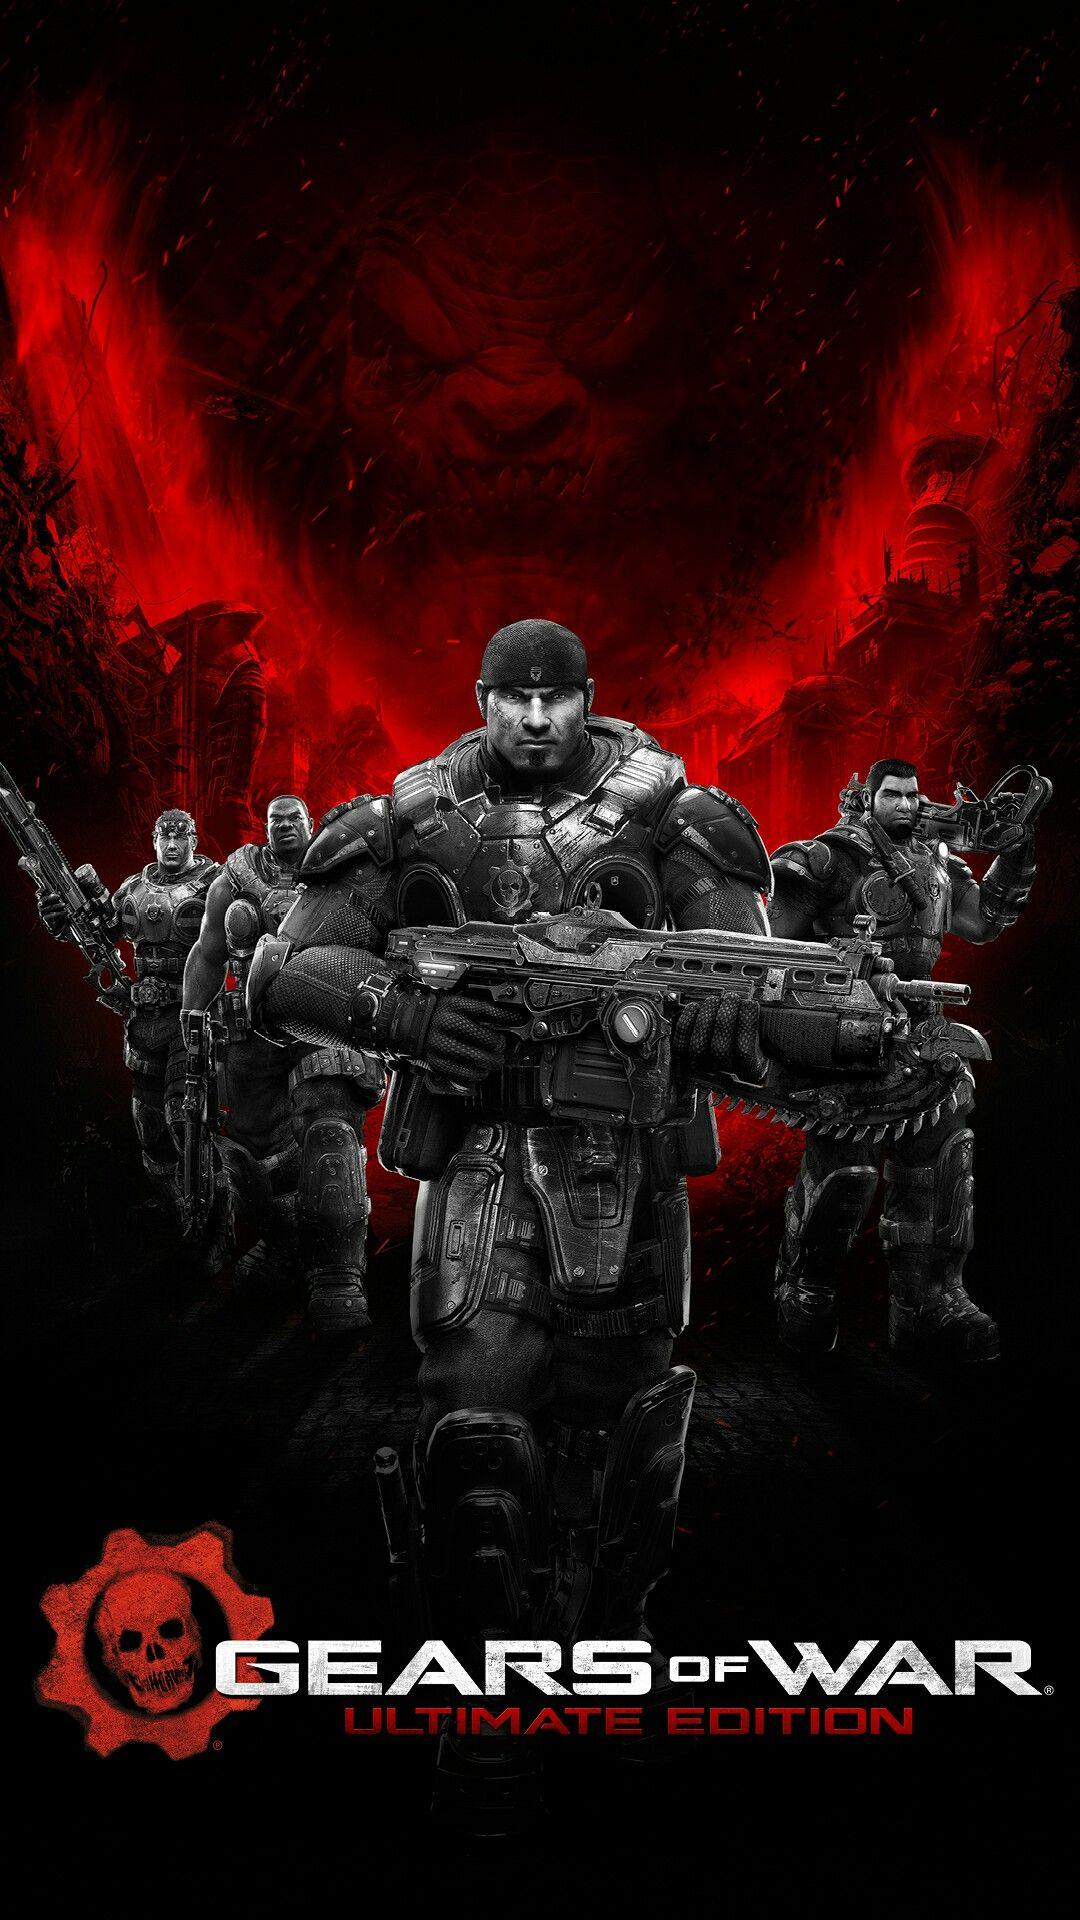 Gears Of War Ultimate Edition Juegos De Xbox One Gears Of War Gears Of War 3